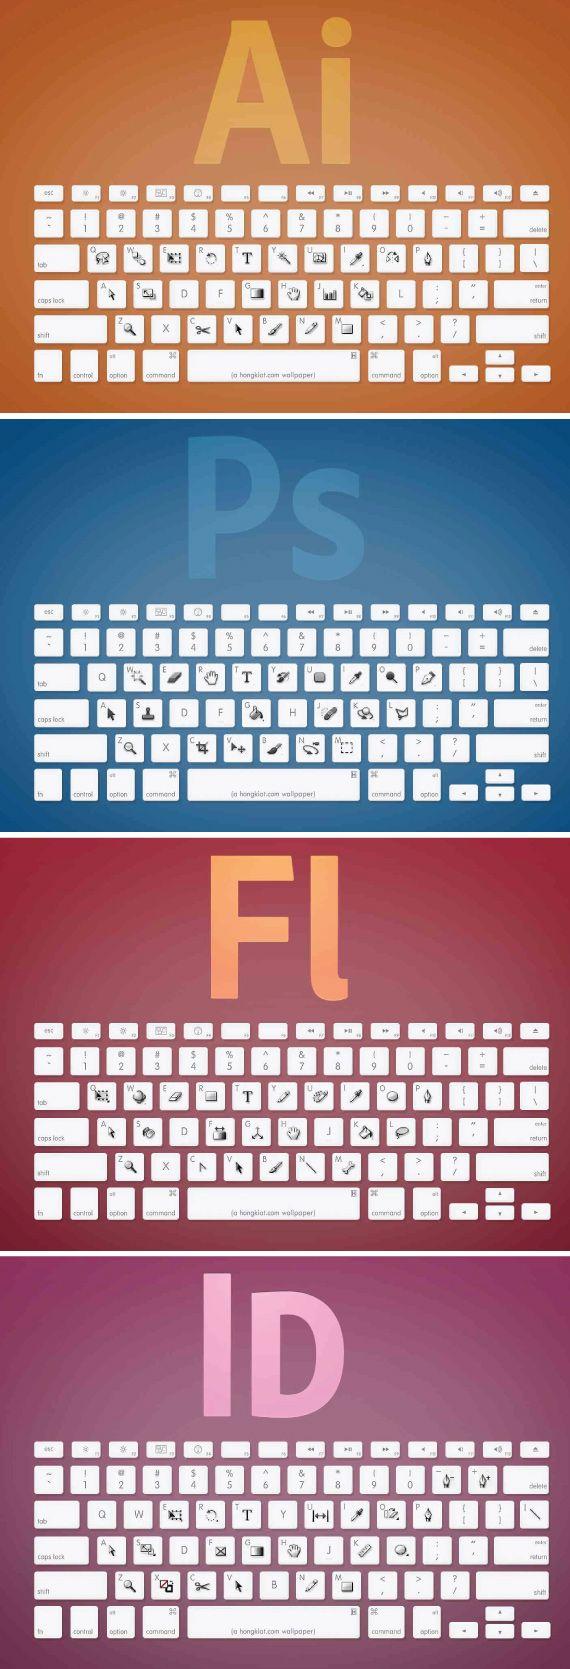 #Adobe #Shortcuts un bon Reminder pour les #Graphistes